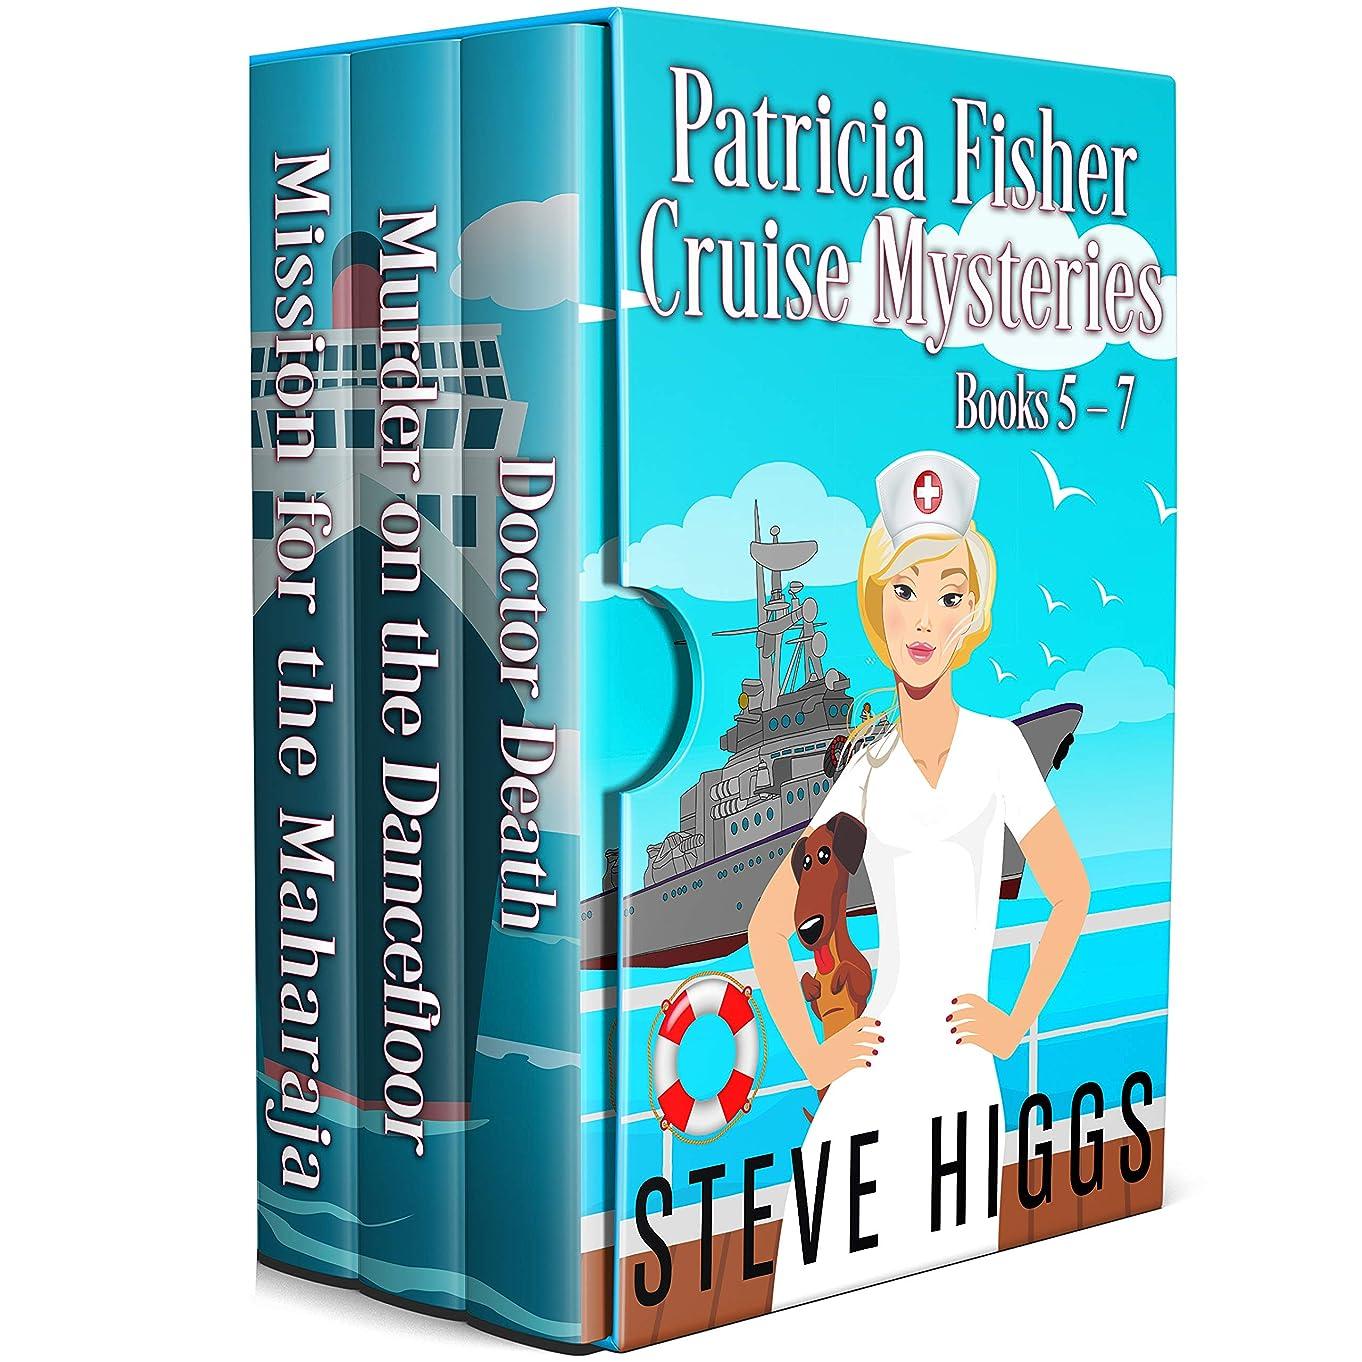 モトリーに賛成ぬるいPatricia Fisher Cruise Mysteries: Books 5 - 7: A humorous Cozy Mystery box set collection (Cruise Mystery Box Set Book 2) (English Edition)